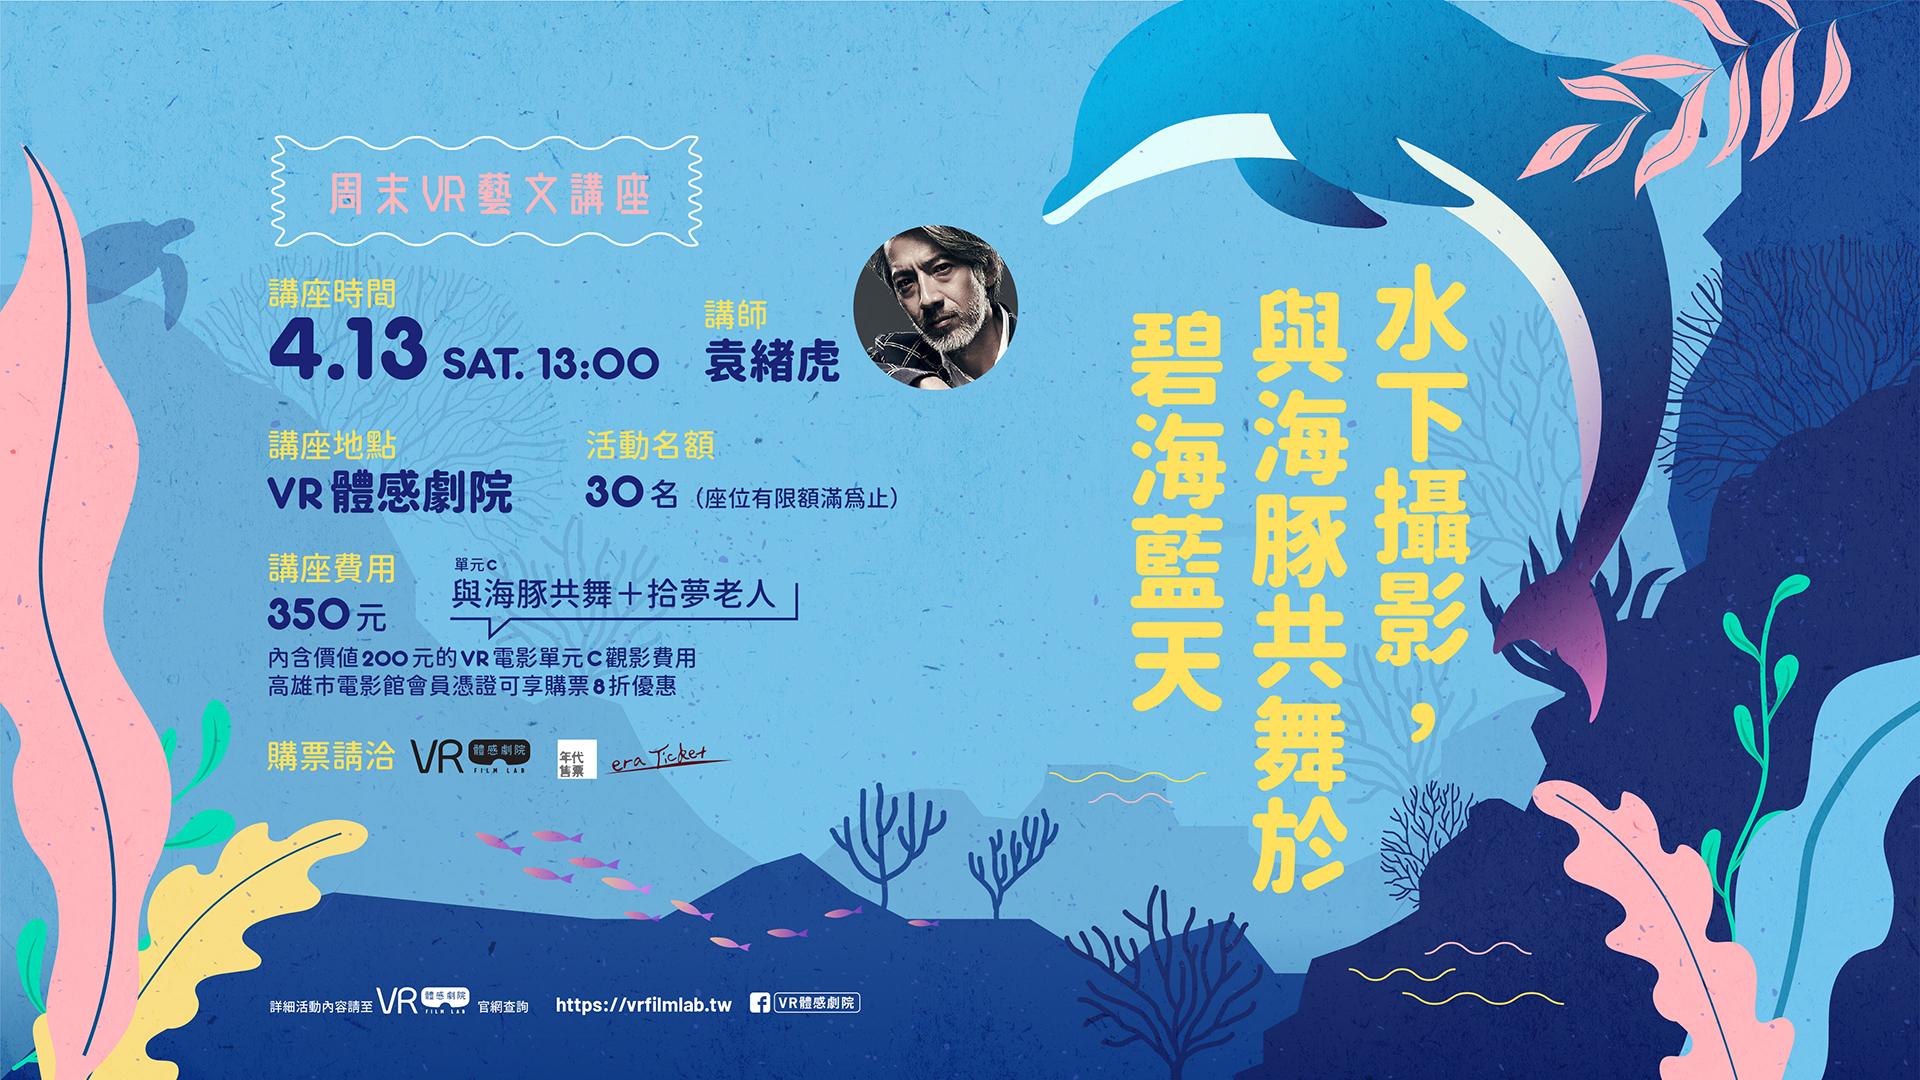 周末VR藝文講座|水下攝影,與海豚共舞於碧海藍天